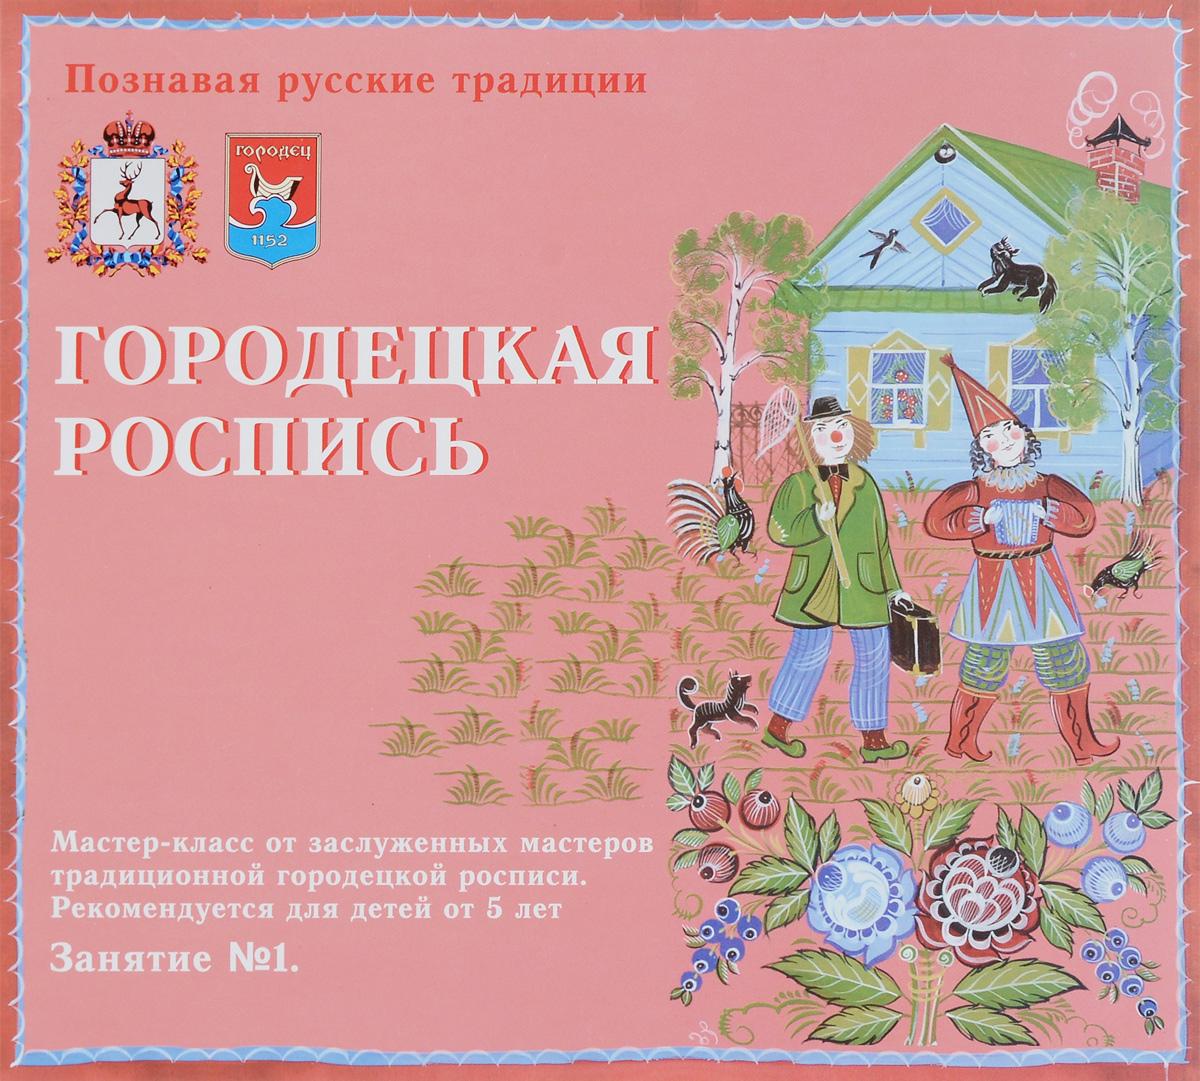 Познавая русские традиции. Городецкая роспись. Мастер-класс. Занятие №1